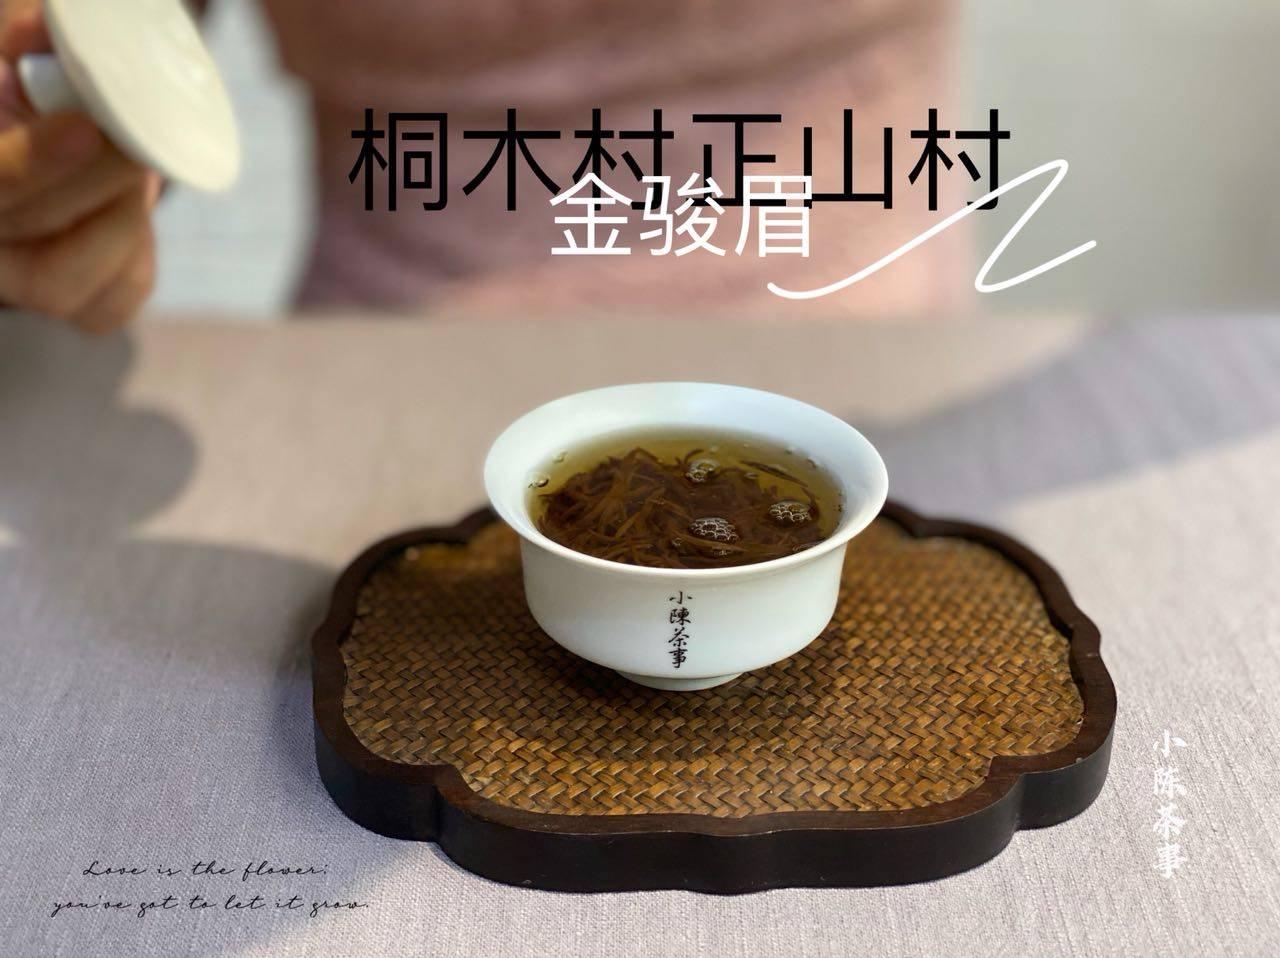 沸水泡红茶的3大误区,村姑陈详细解答,真相来